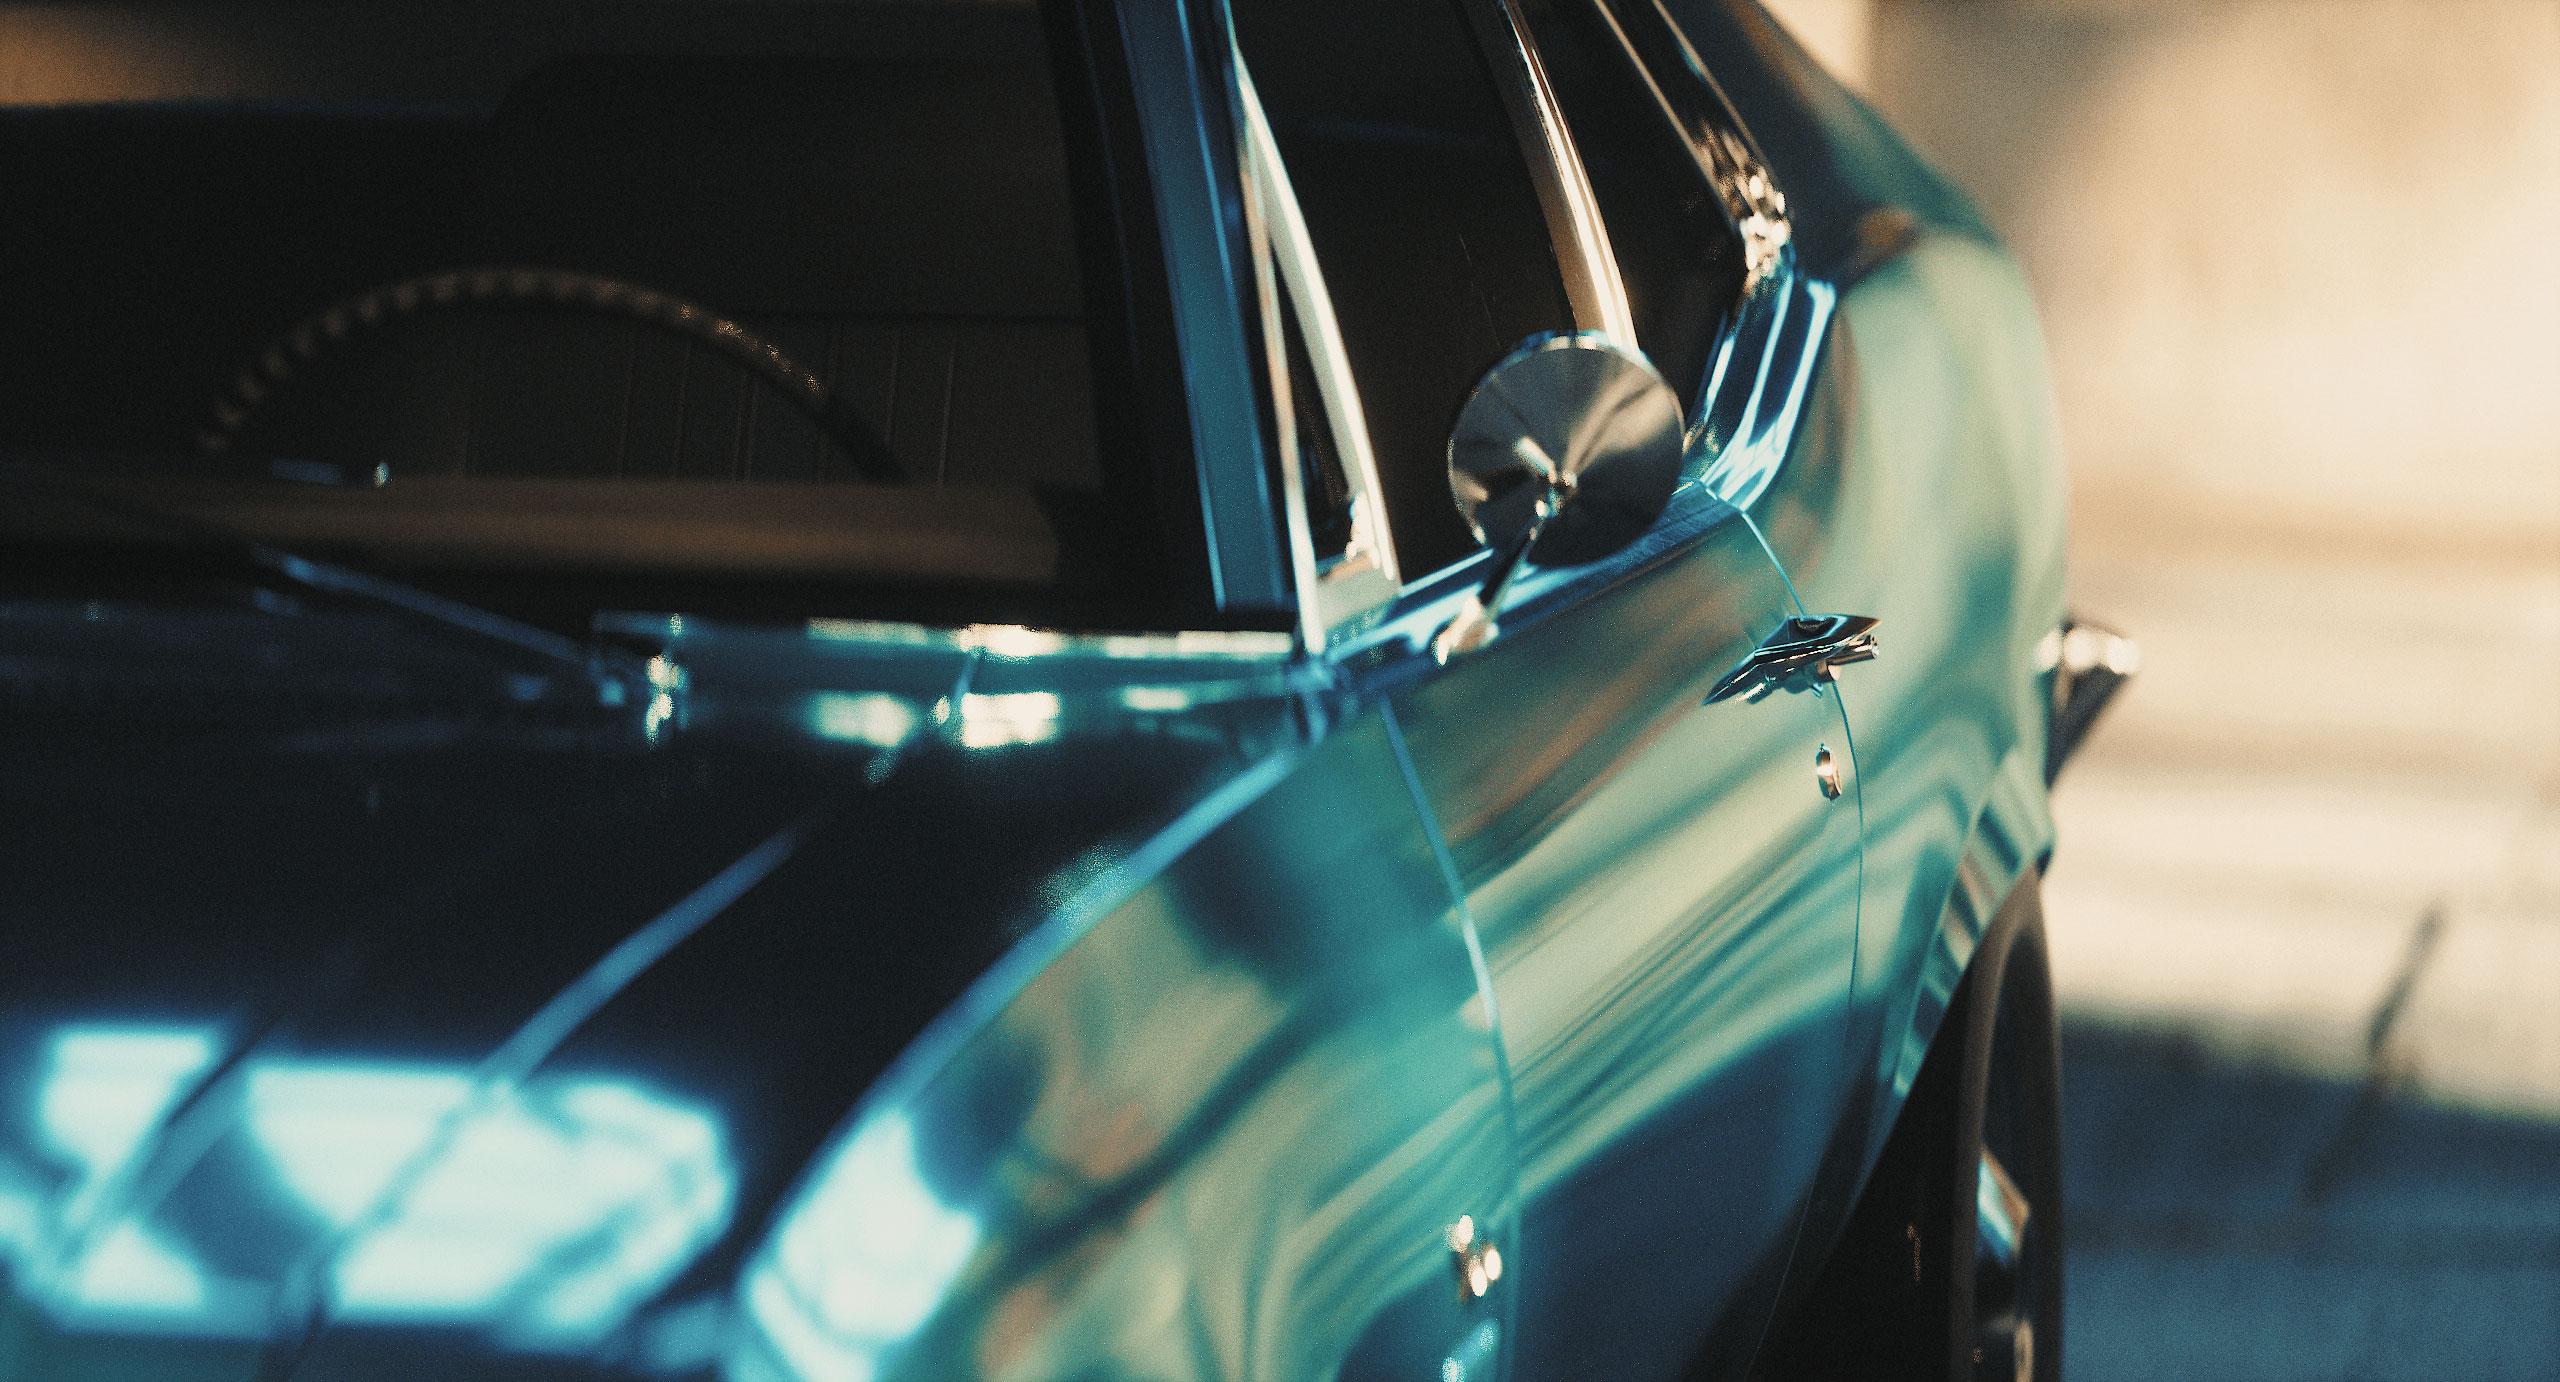 Car_005